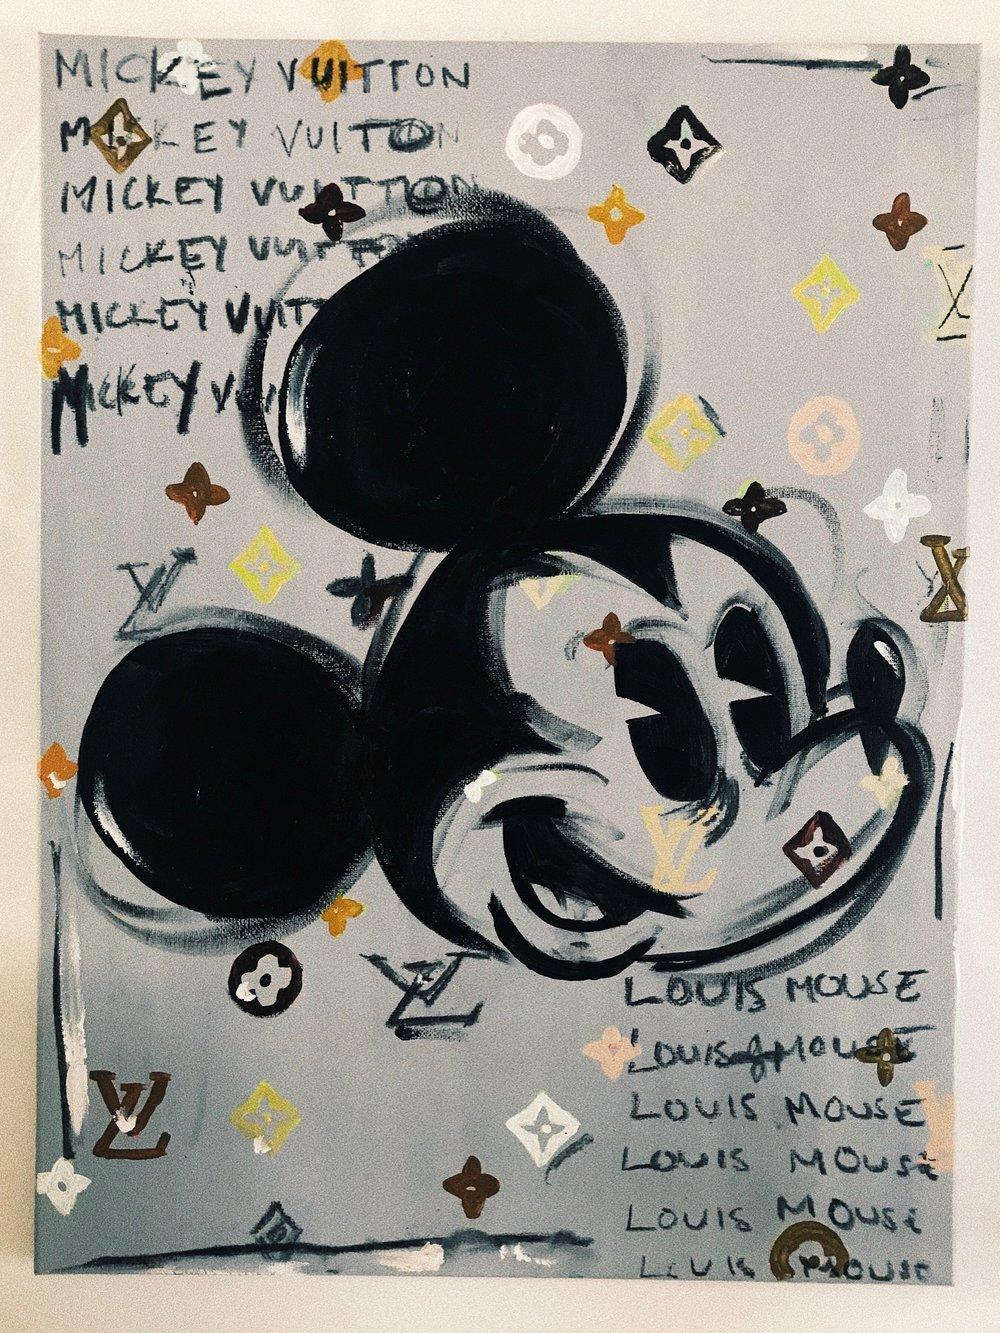 Mickey Vuitton